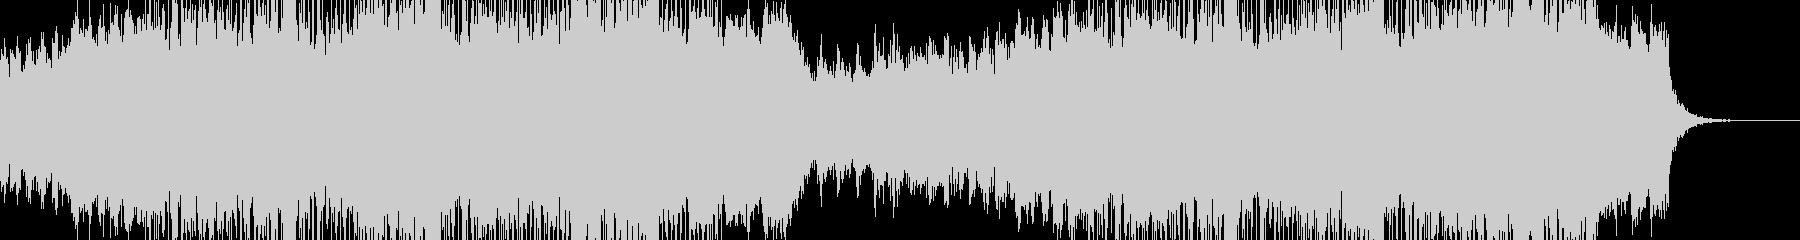 ダークな近未来をイメージしたエレクトロの未再生の波形